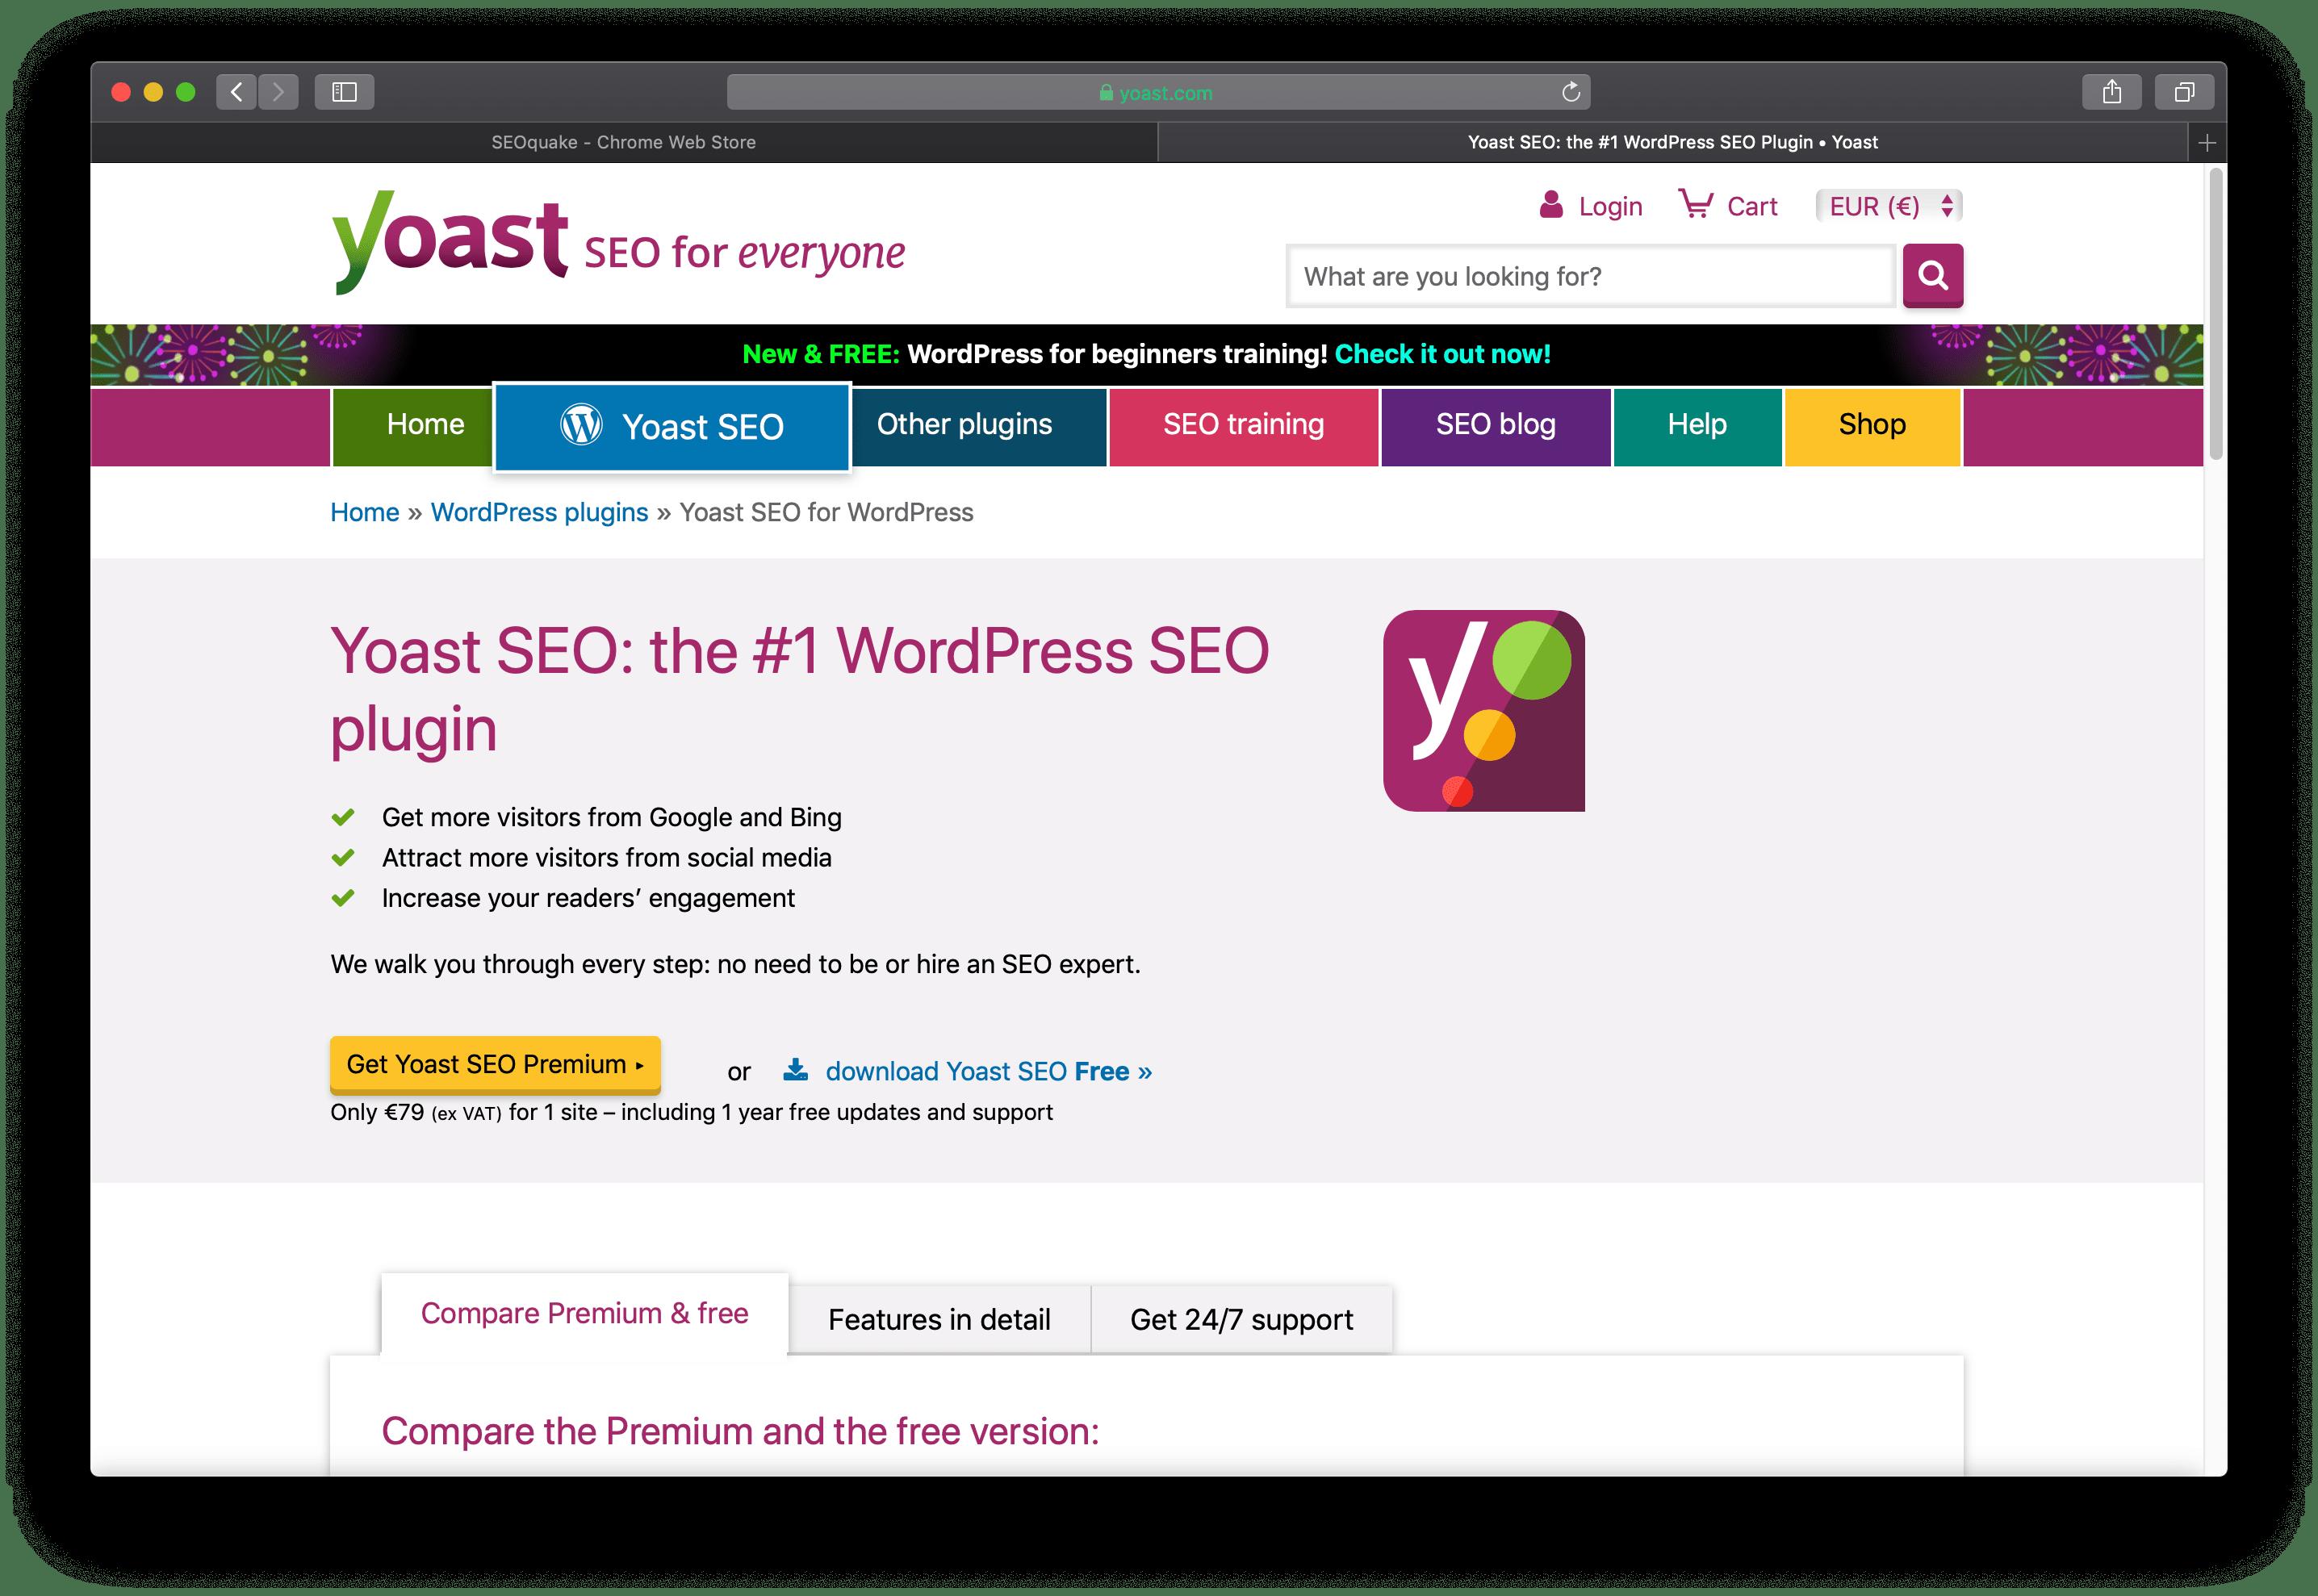 yoast-seo-herramienta-wordpress